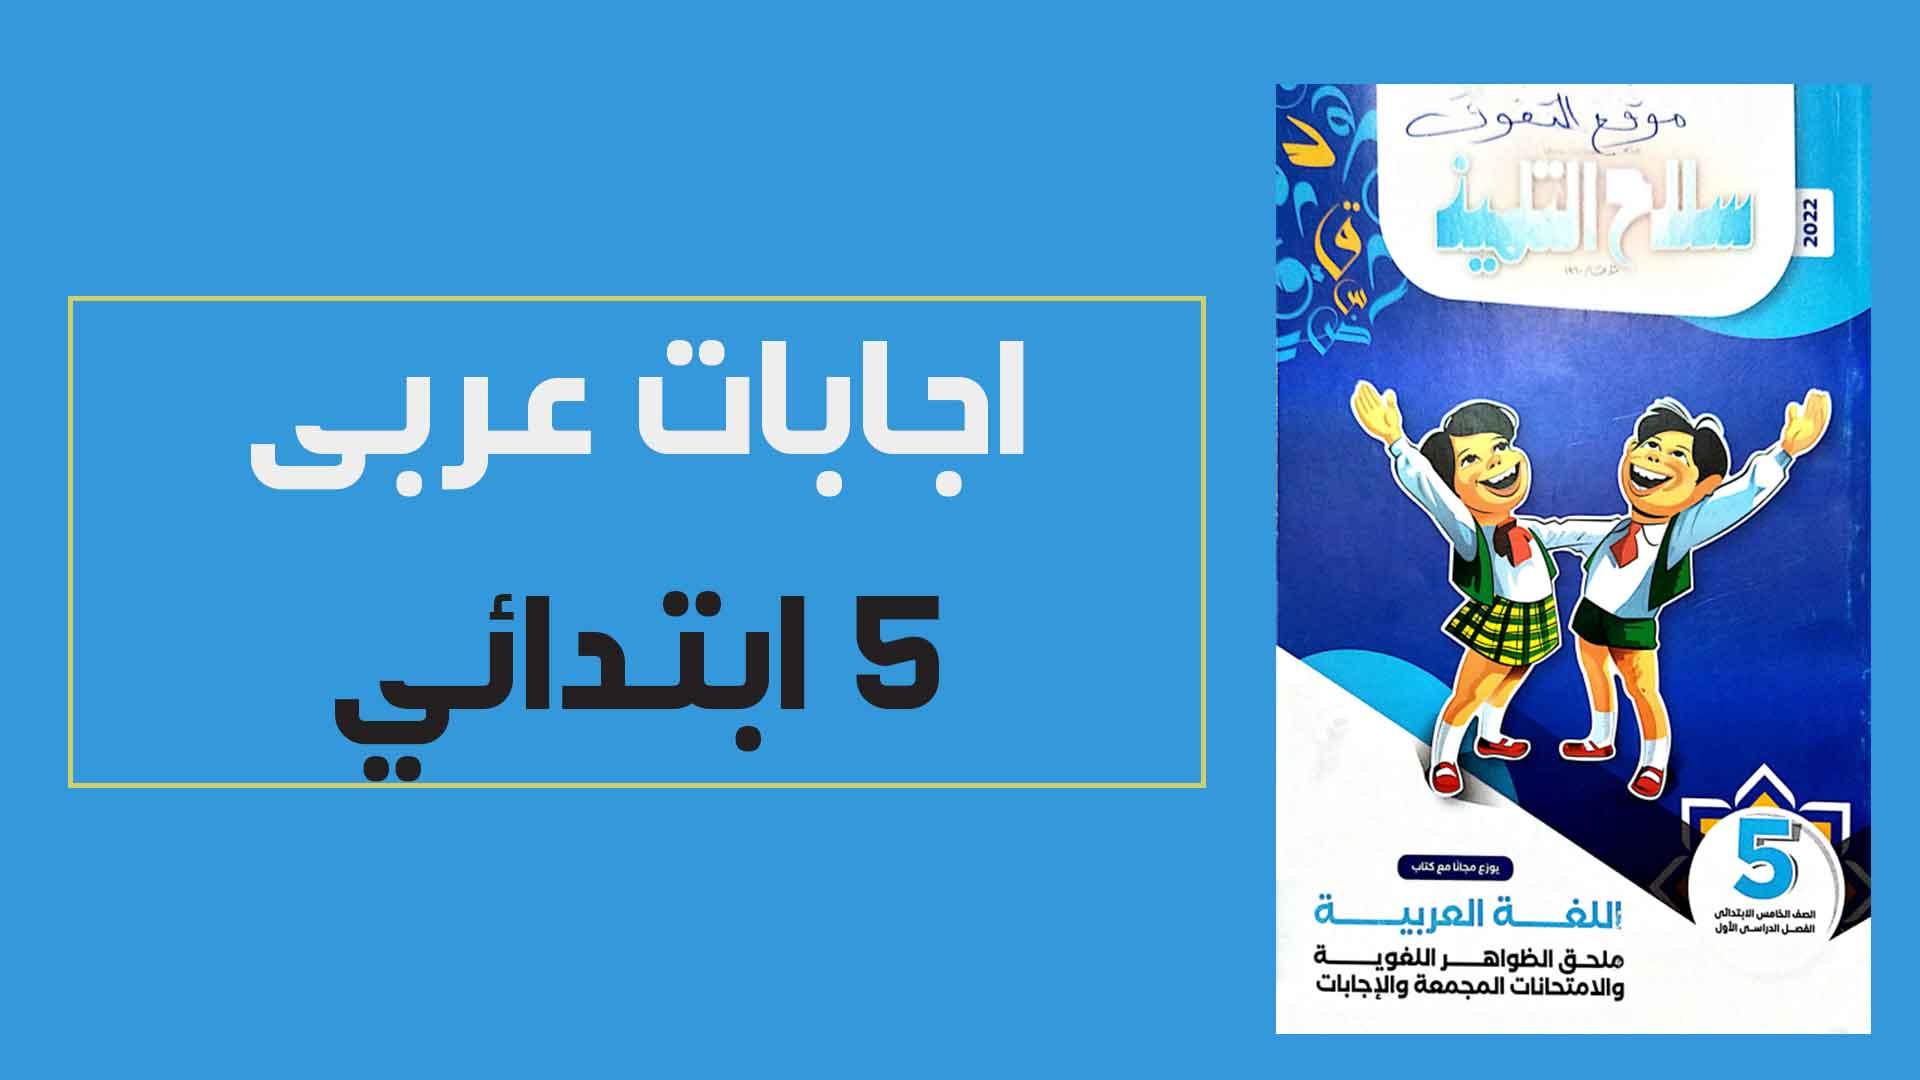 ملحق امتحانات واجابات كتاب سلاح التلميذ لغة عربية للصف الخامس الابتدائي الترم الاول 2022 pdf